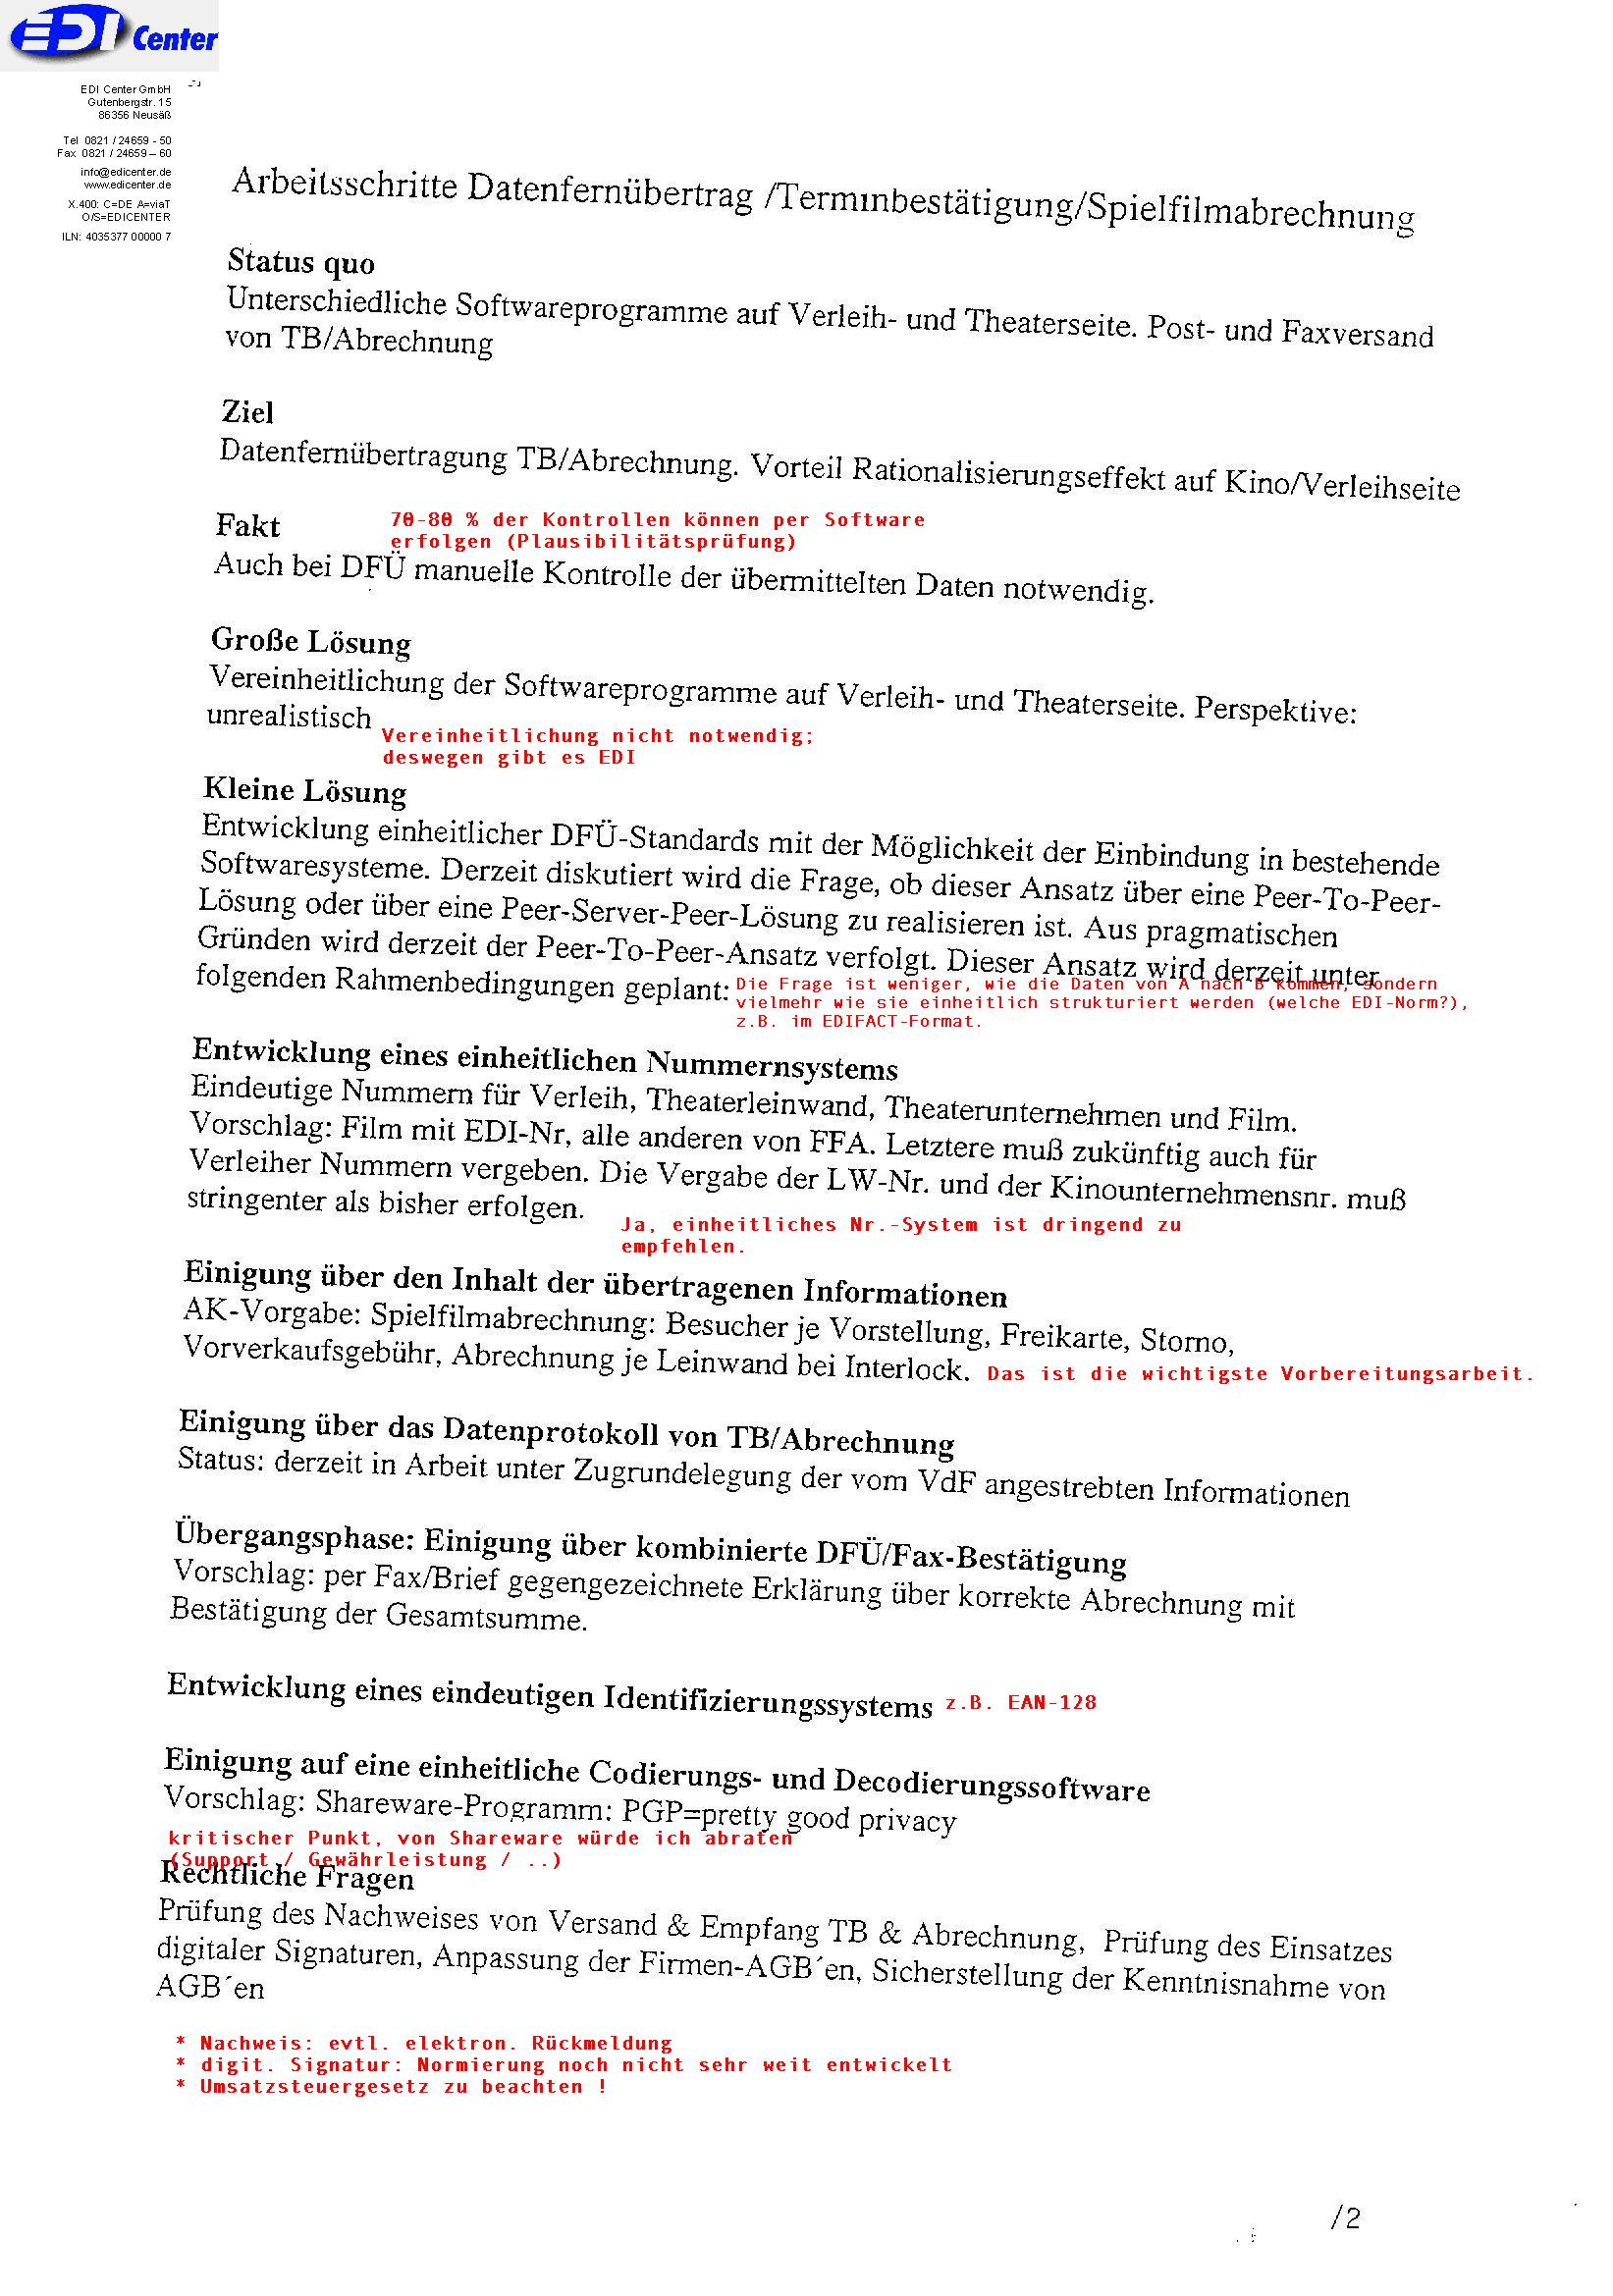 EDI-Planung ca. 1998